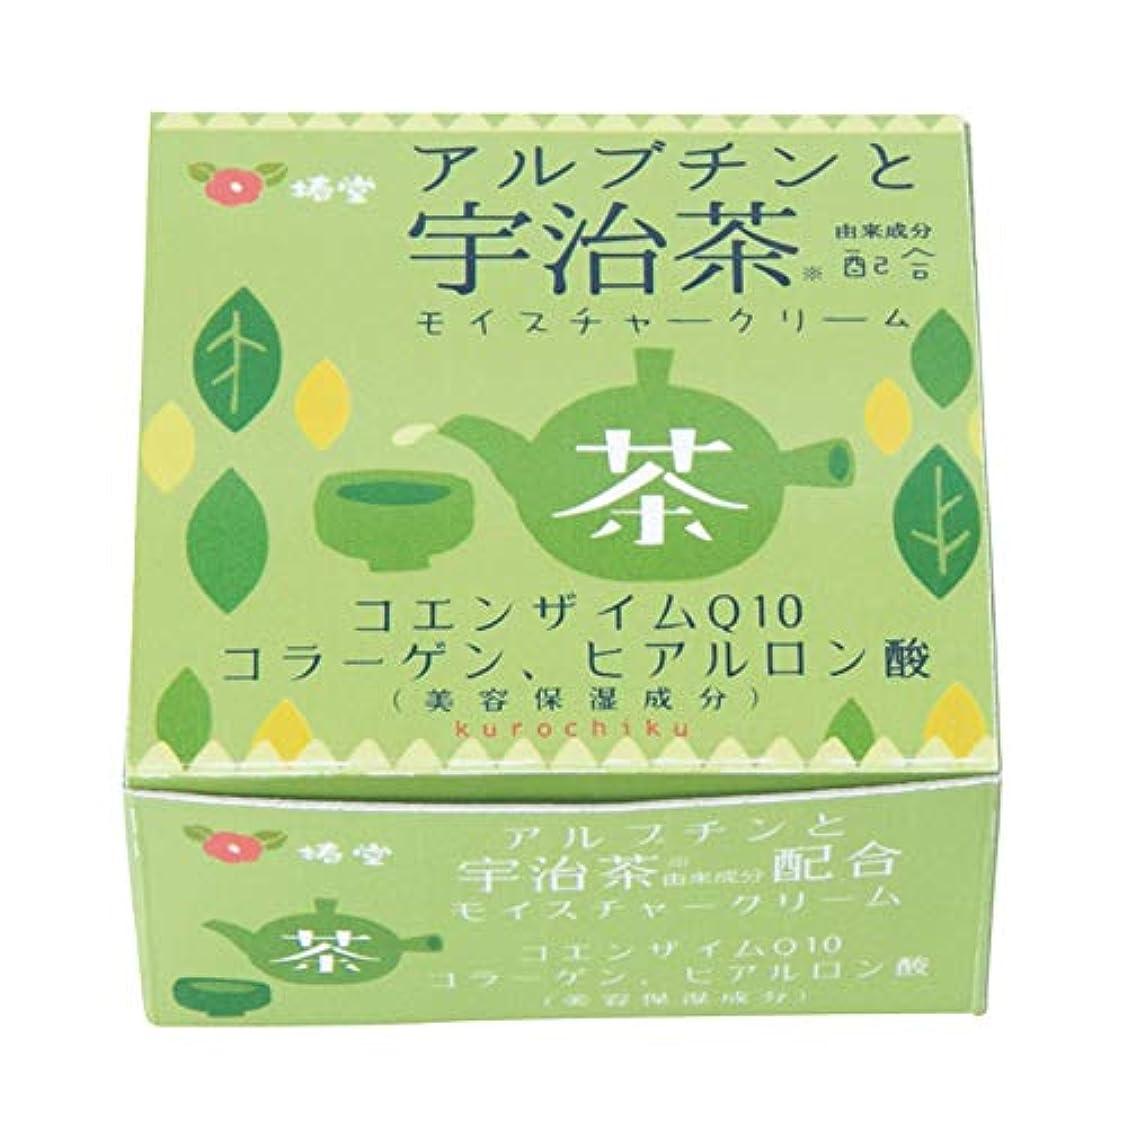 薄暗い一見巨人椿堂 宇治茶モイスチャークリーム (アルブチンと宇治茶) 京都くろちく